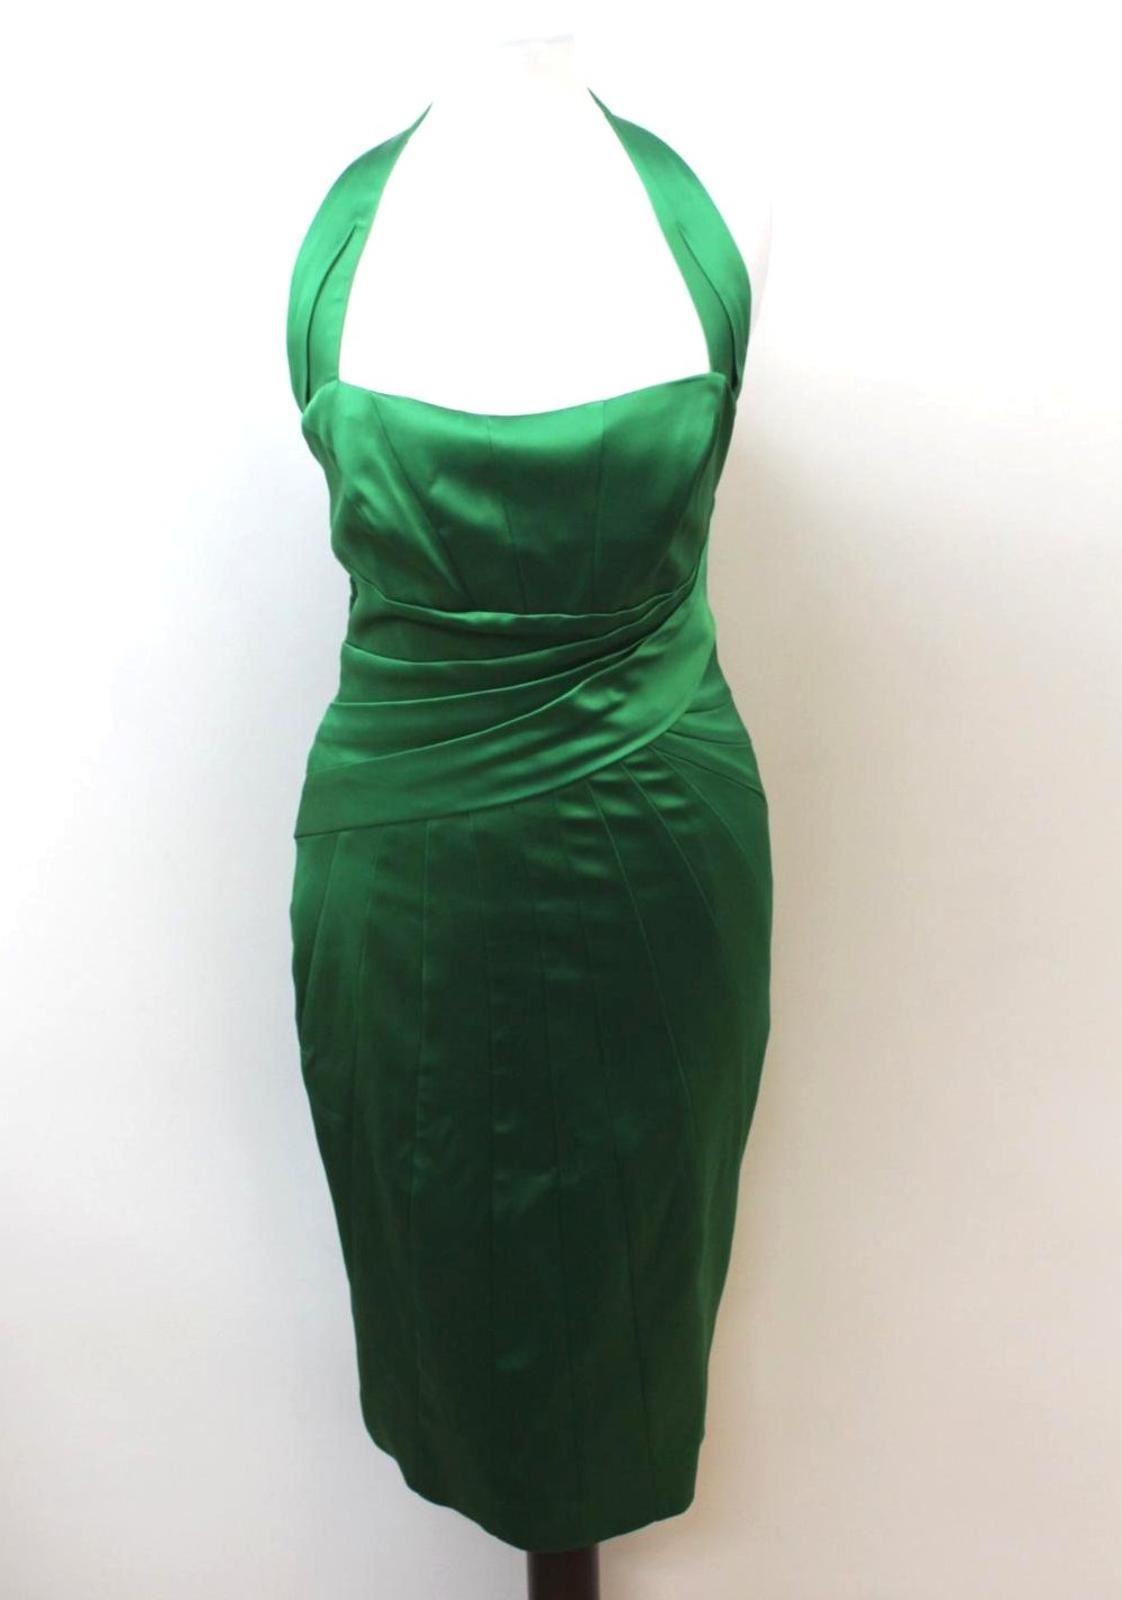 Ebay Uk Karen Millen Dresses Size 14 Goldin Ma